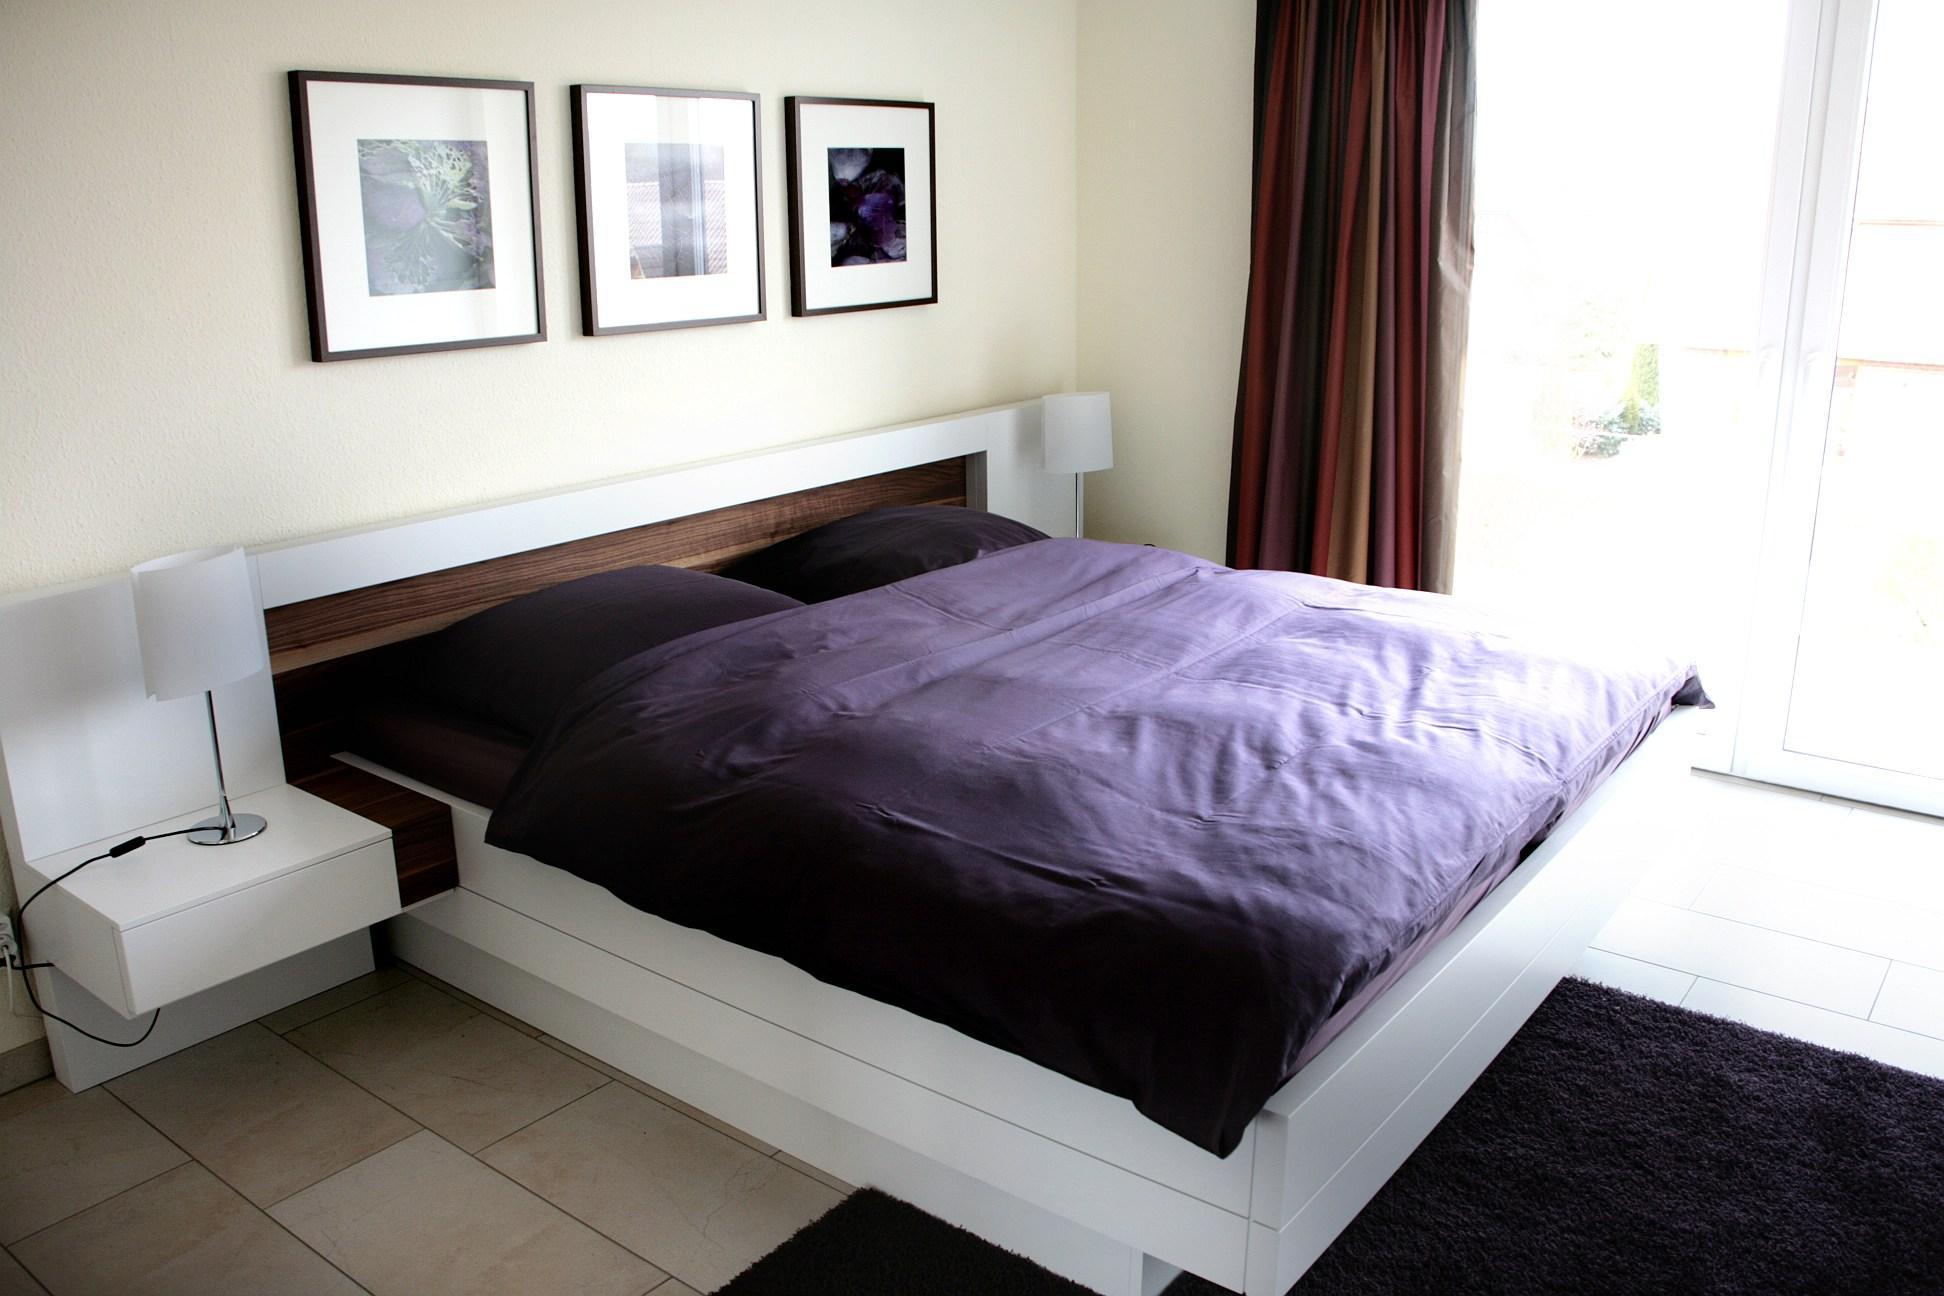 Modernes Schlafzimmer #bettablage ©Feinarbeit Wohnberatung/Th.Finster